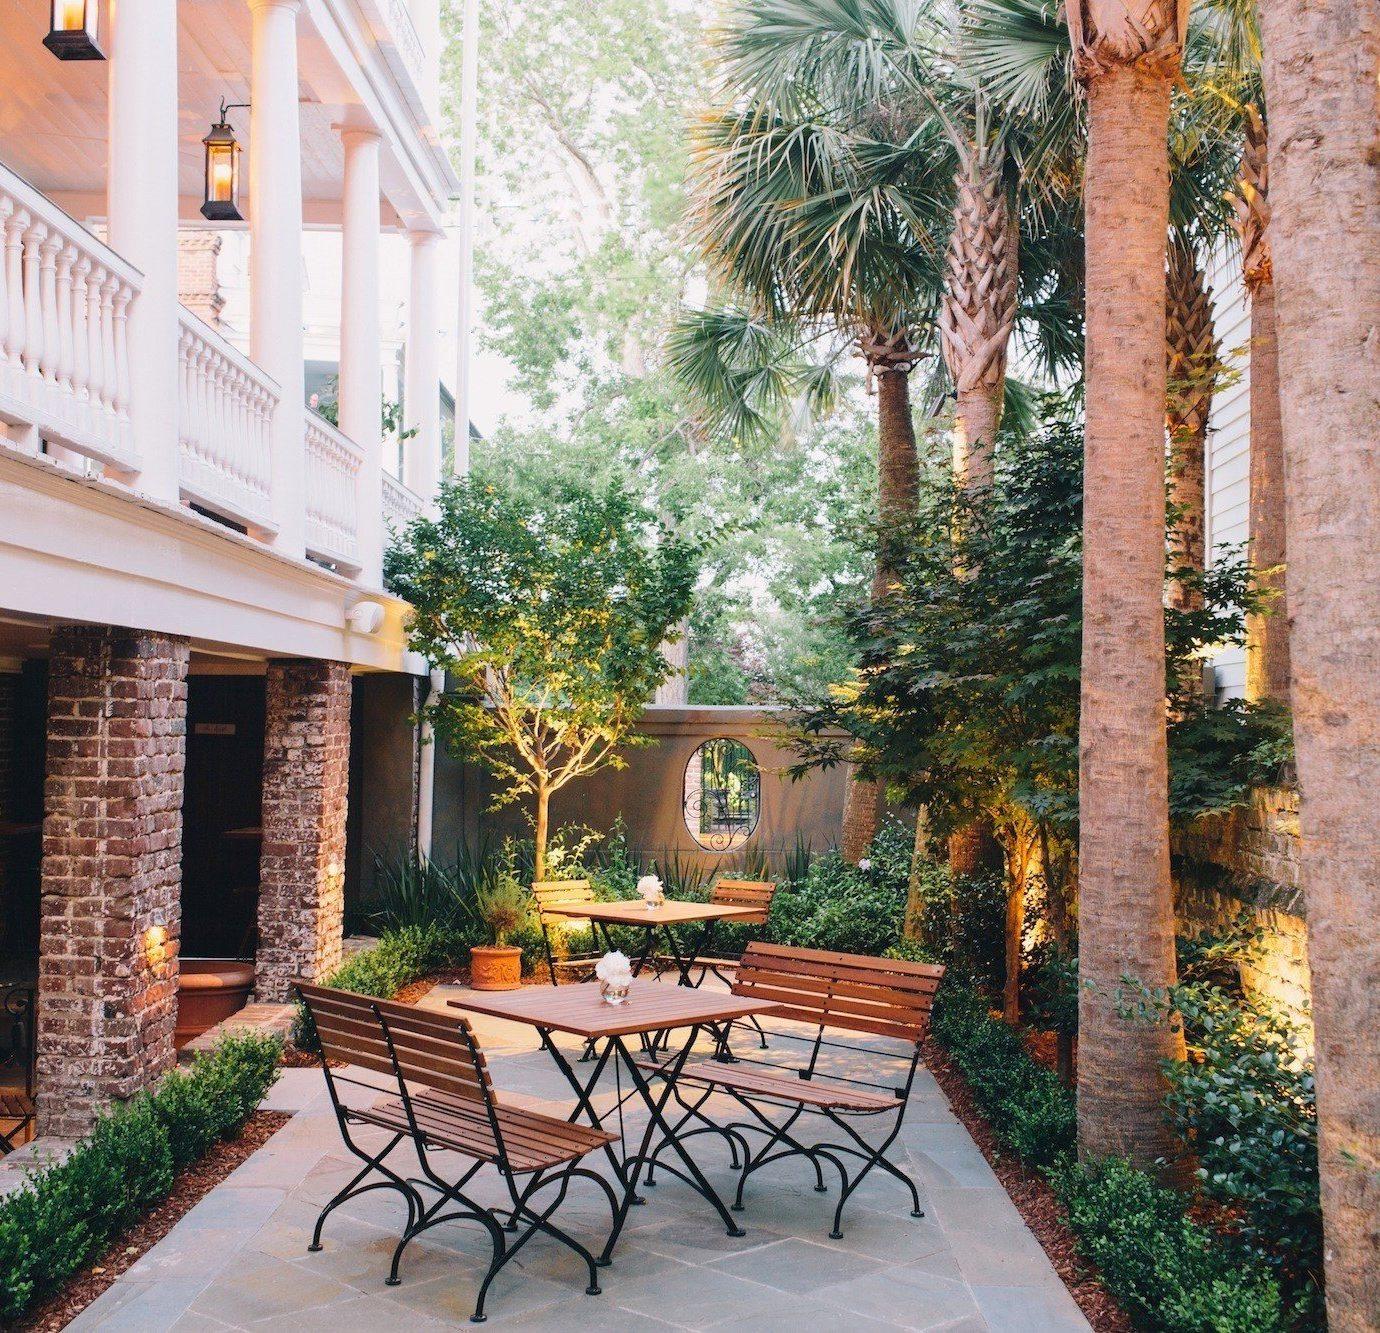 property Courtyard house backyard home park brick Villa porch cottage yard outdoor structure Garden hacienda Resort stone mansion